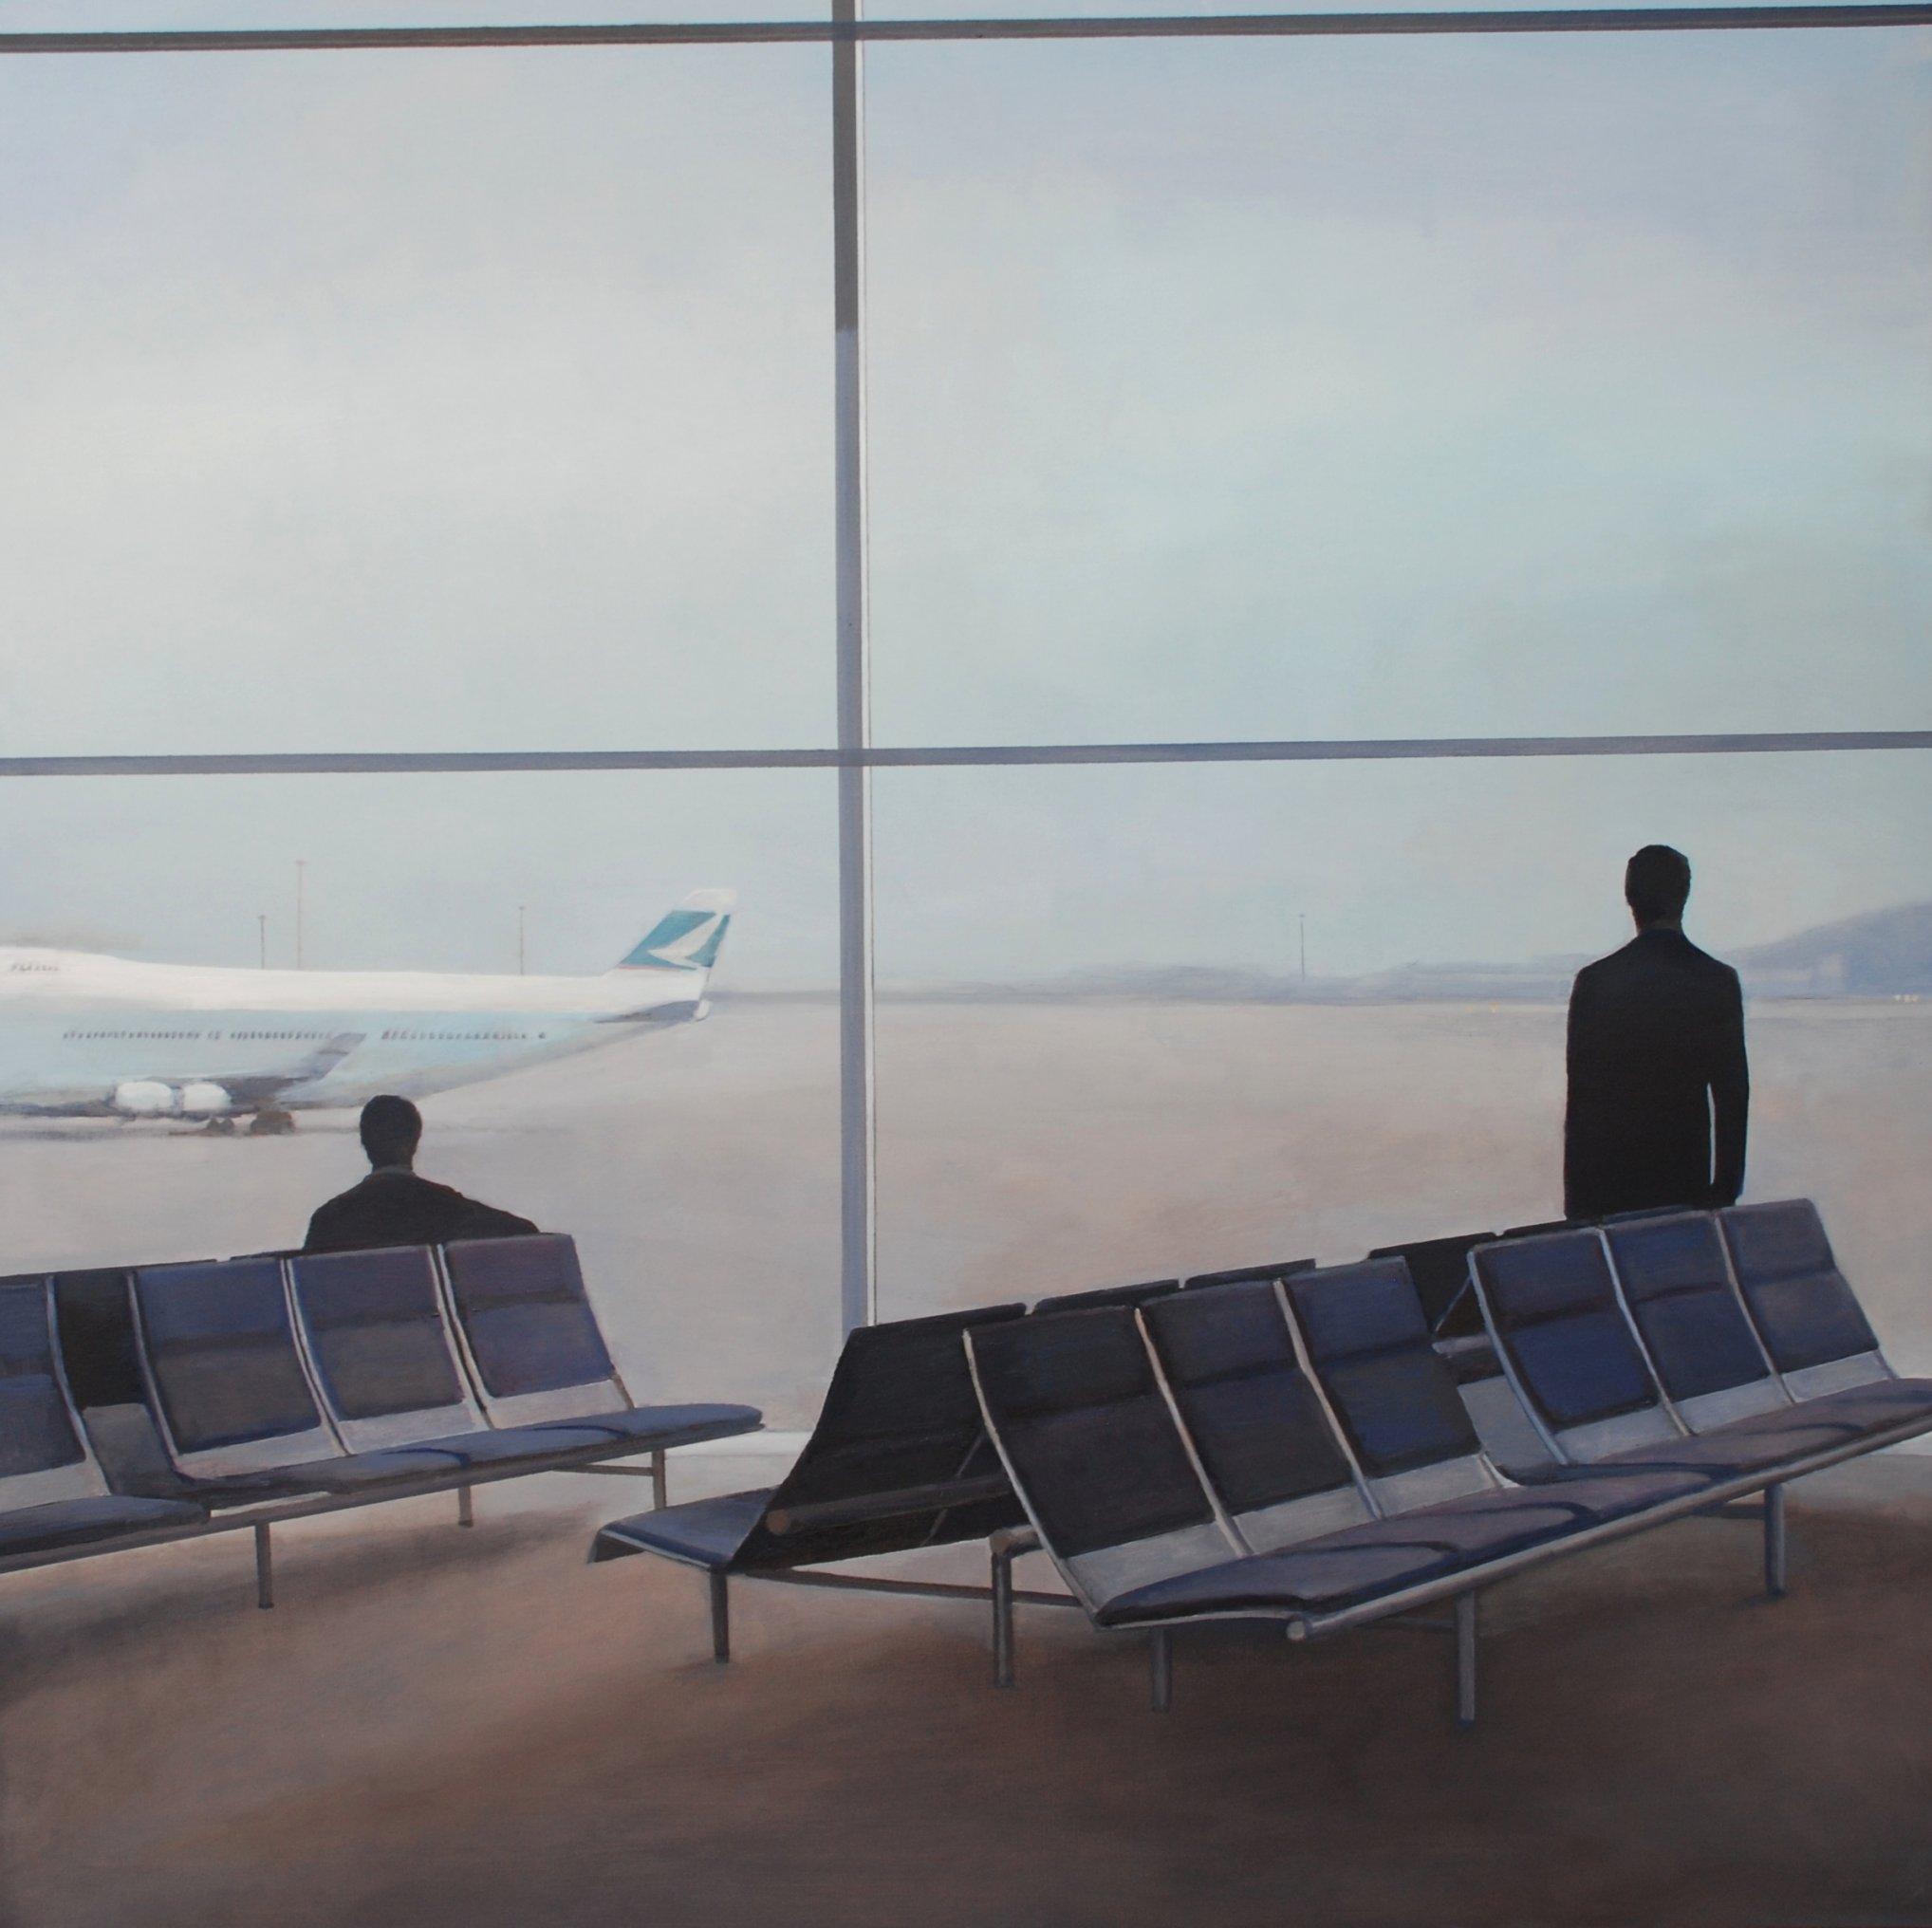 Aeropuerto de Hong Kong (2007) - Federico Granell